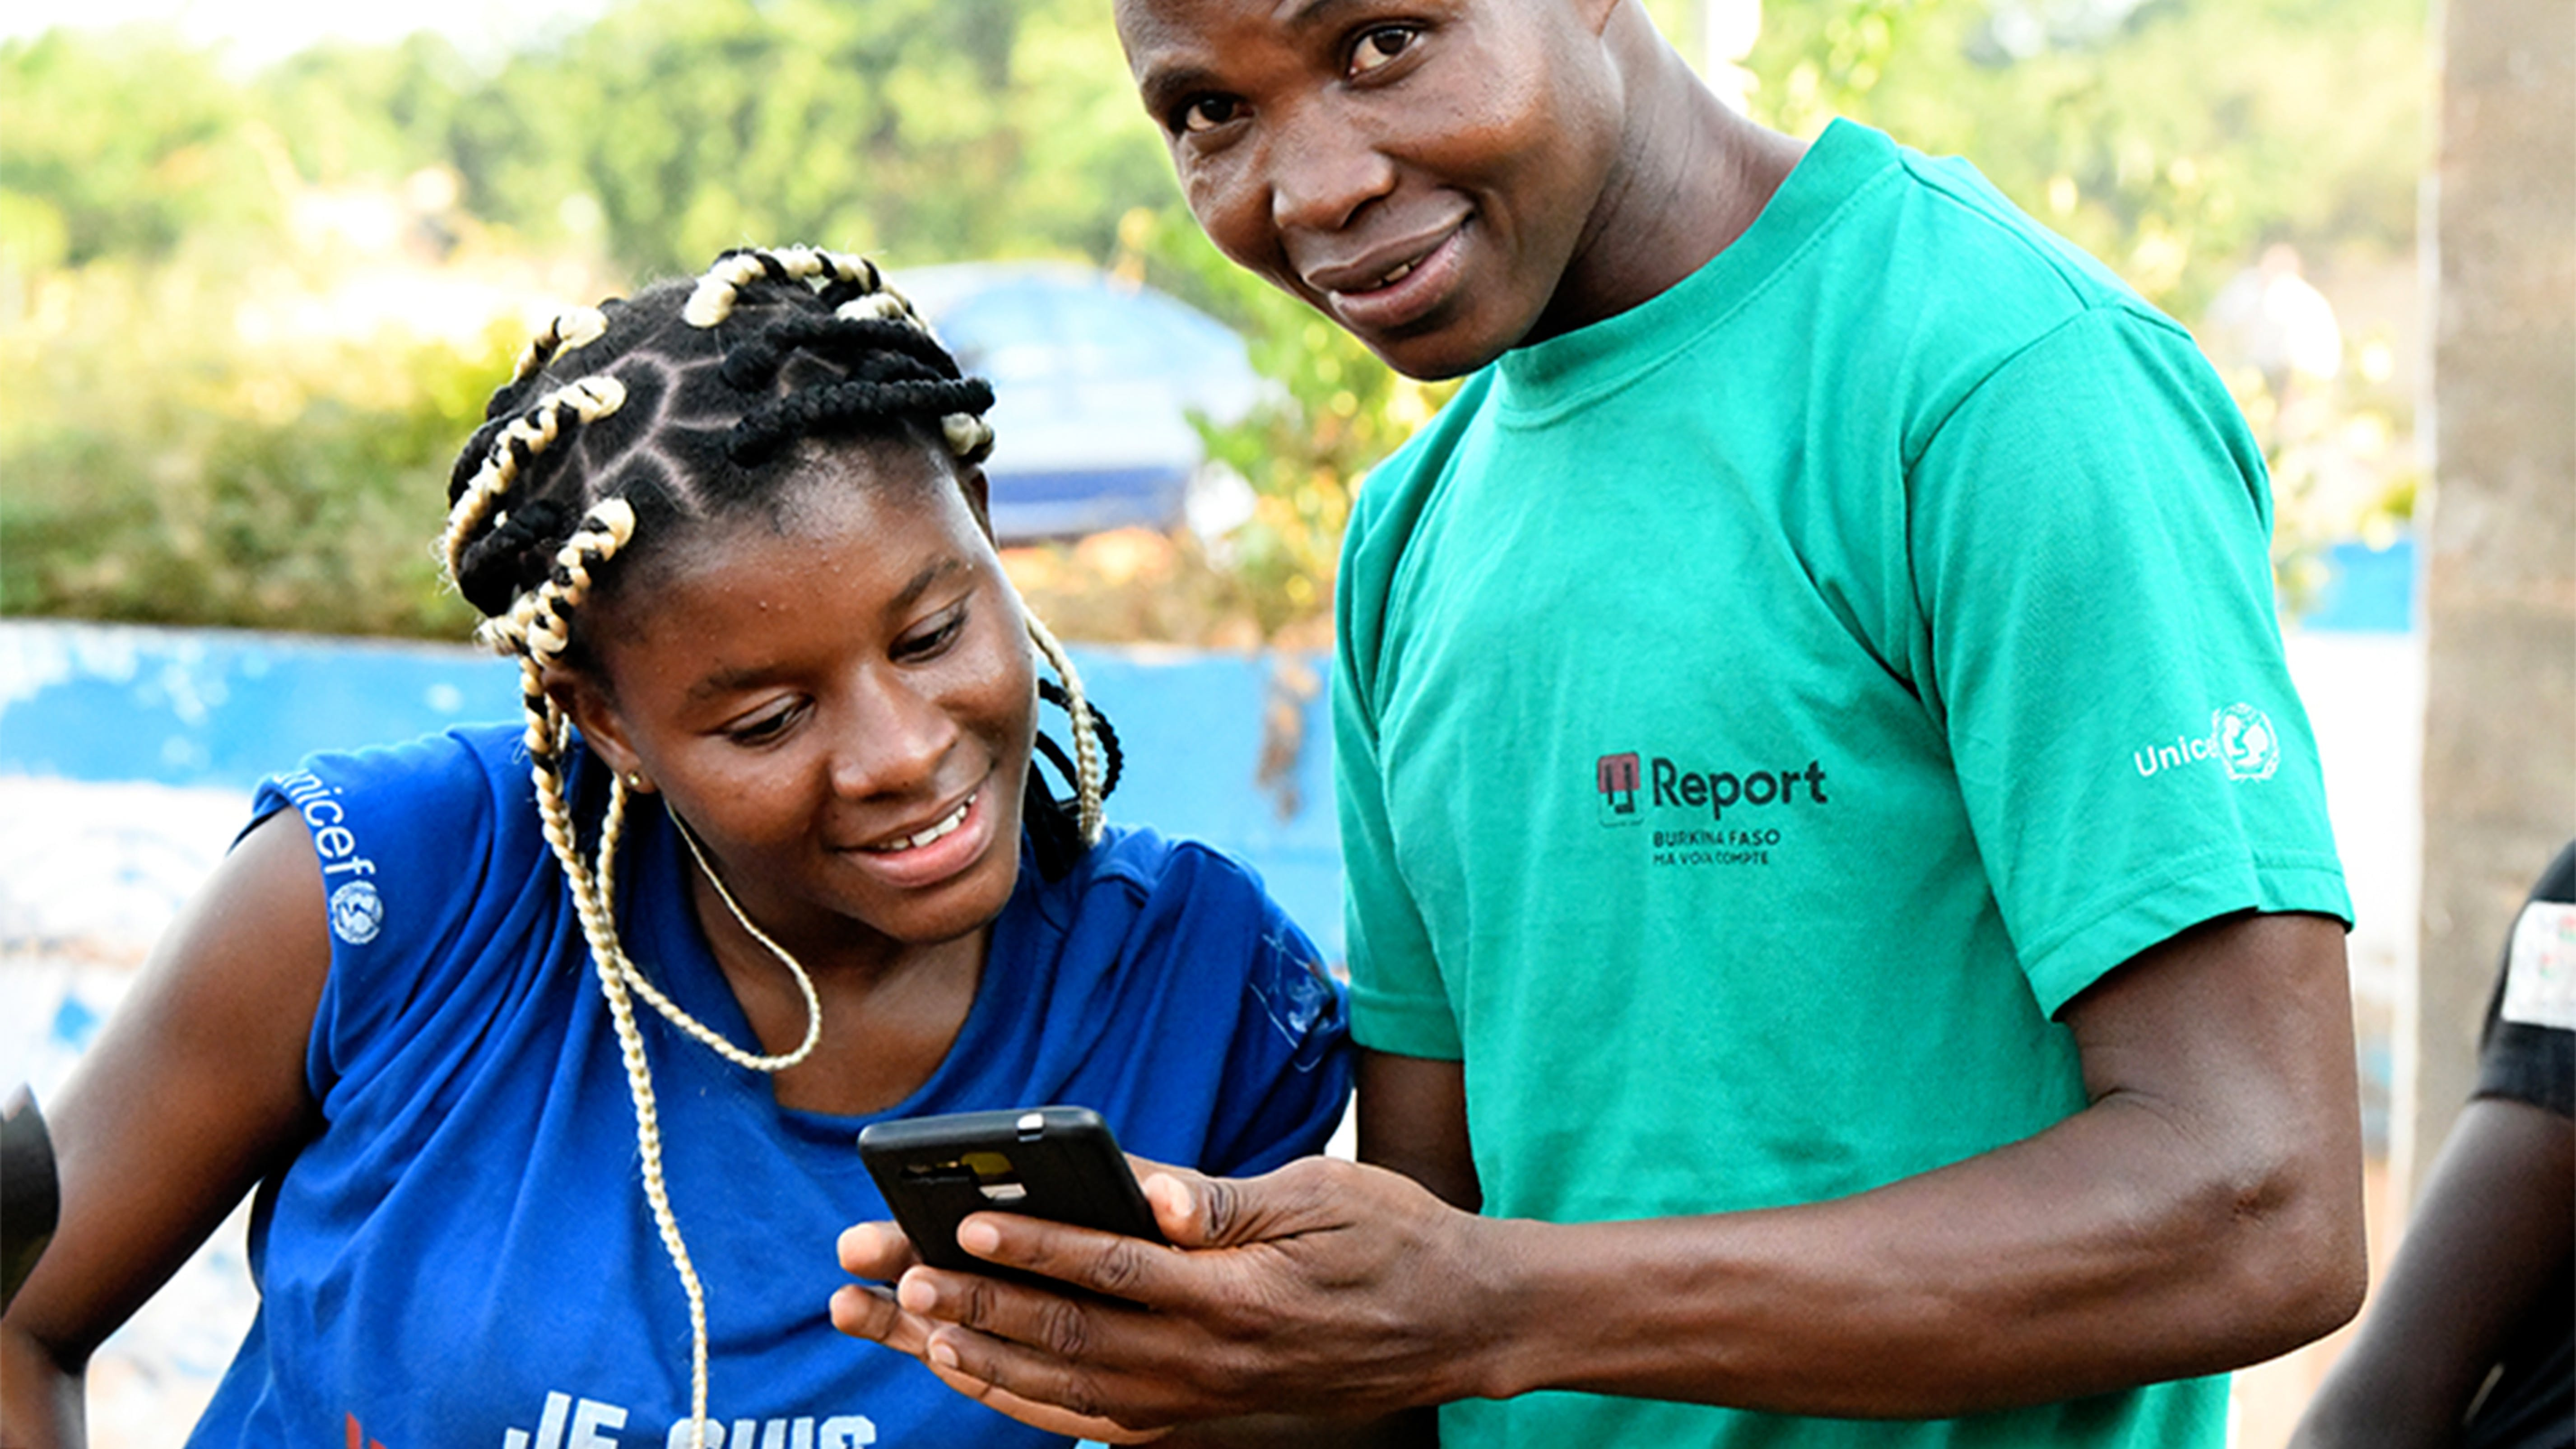 Ureport. giovani, Burkina Faso